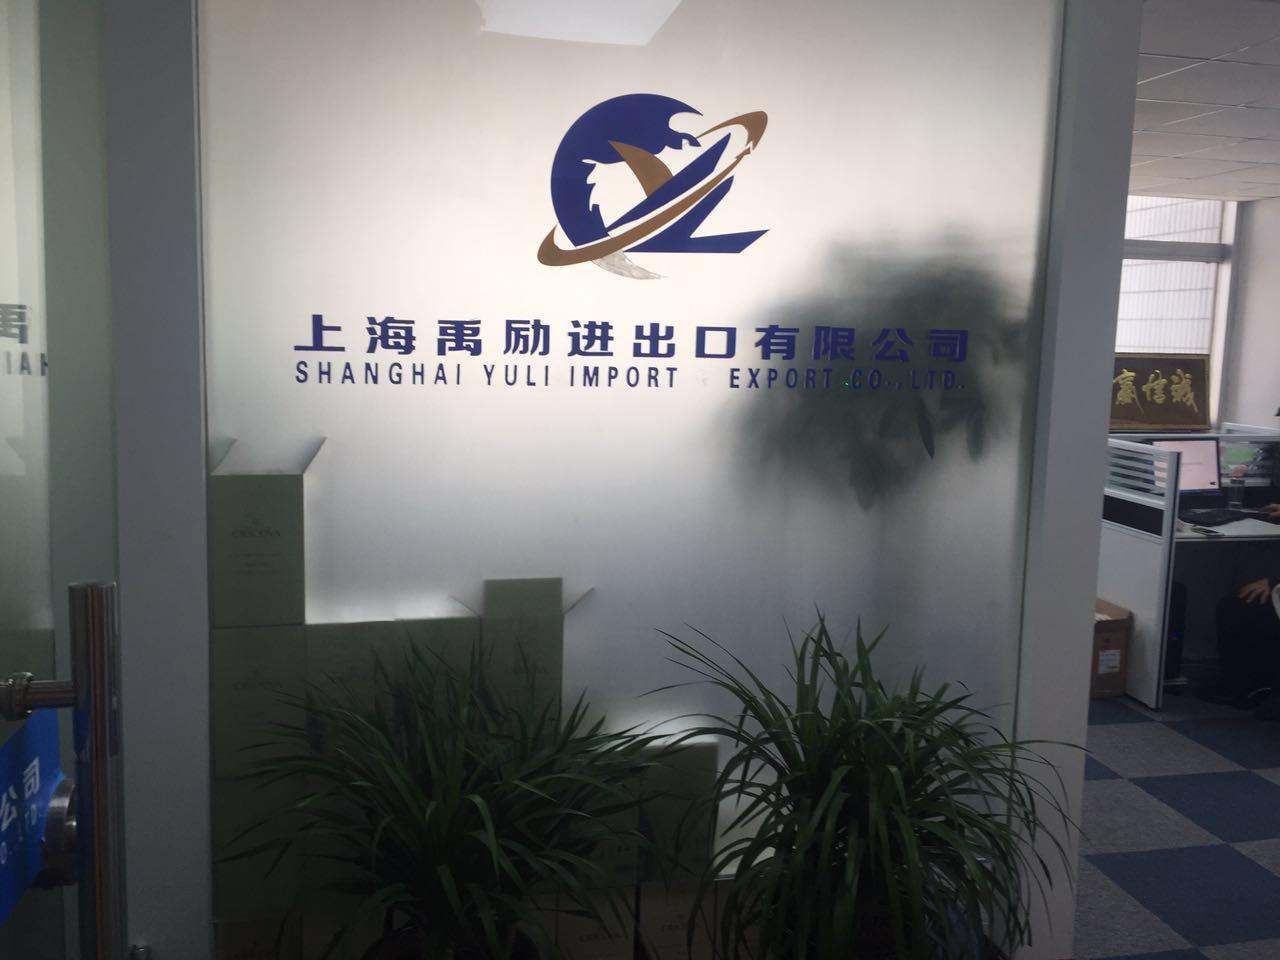 上海洋山港代理清关公司